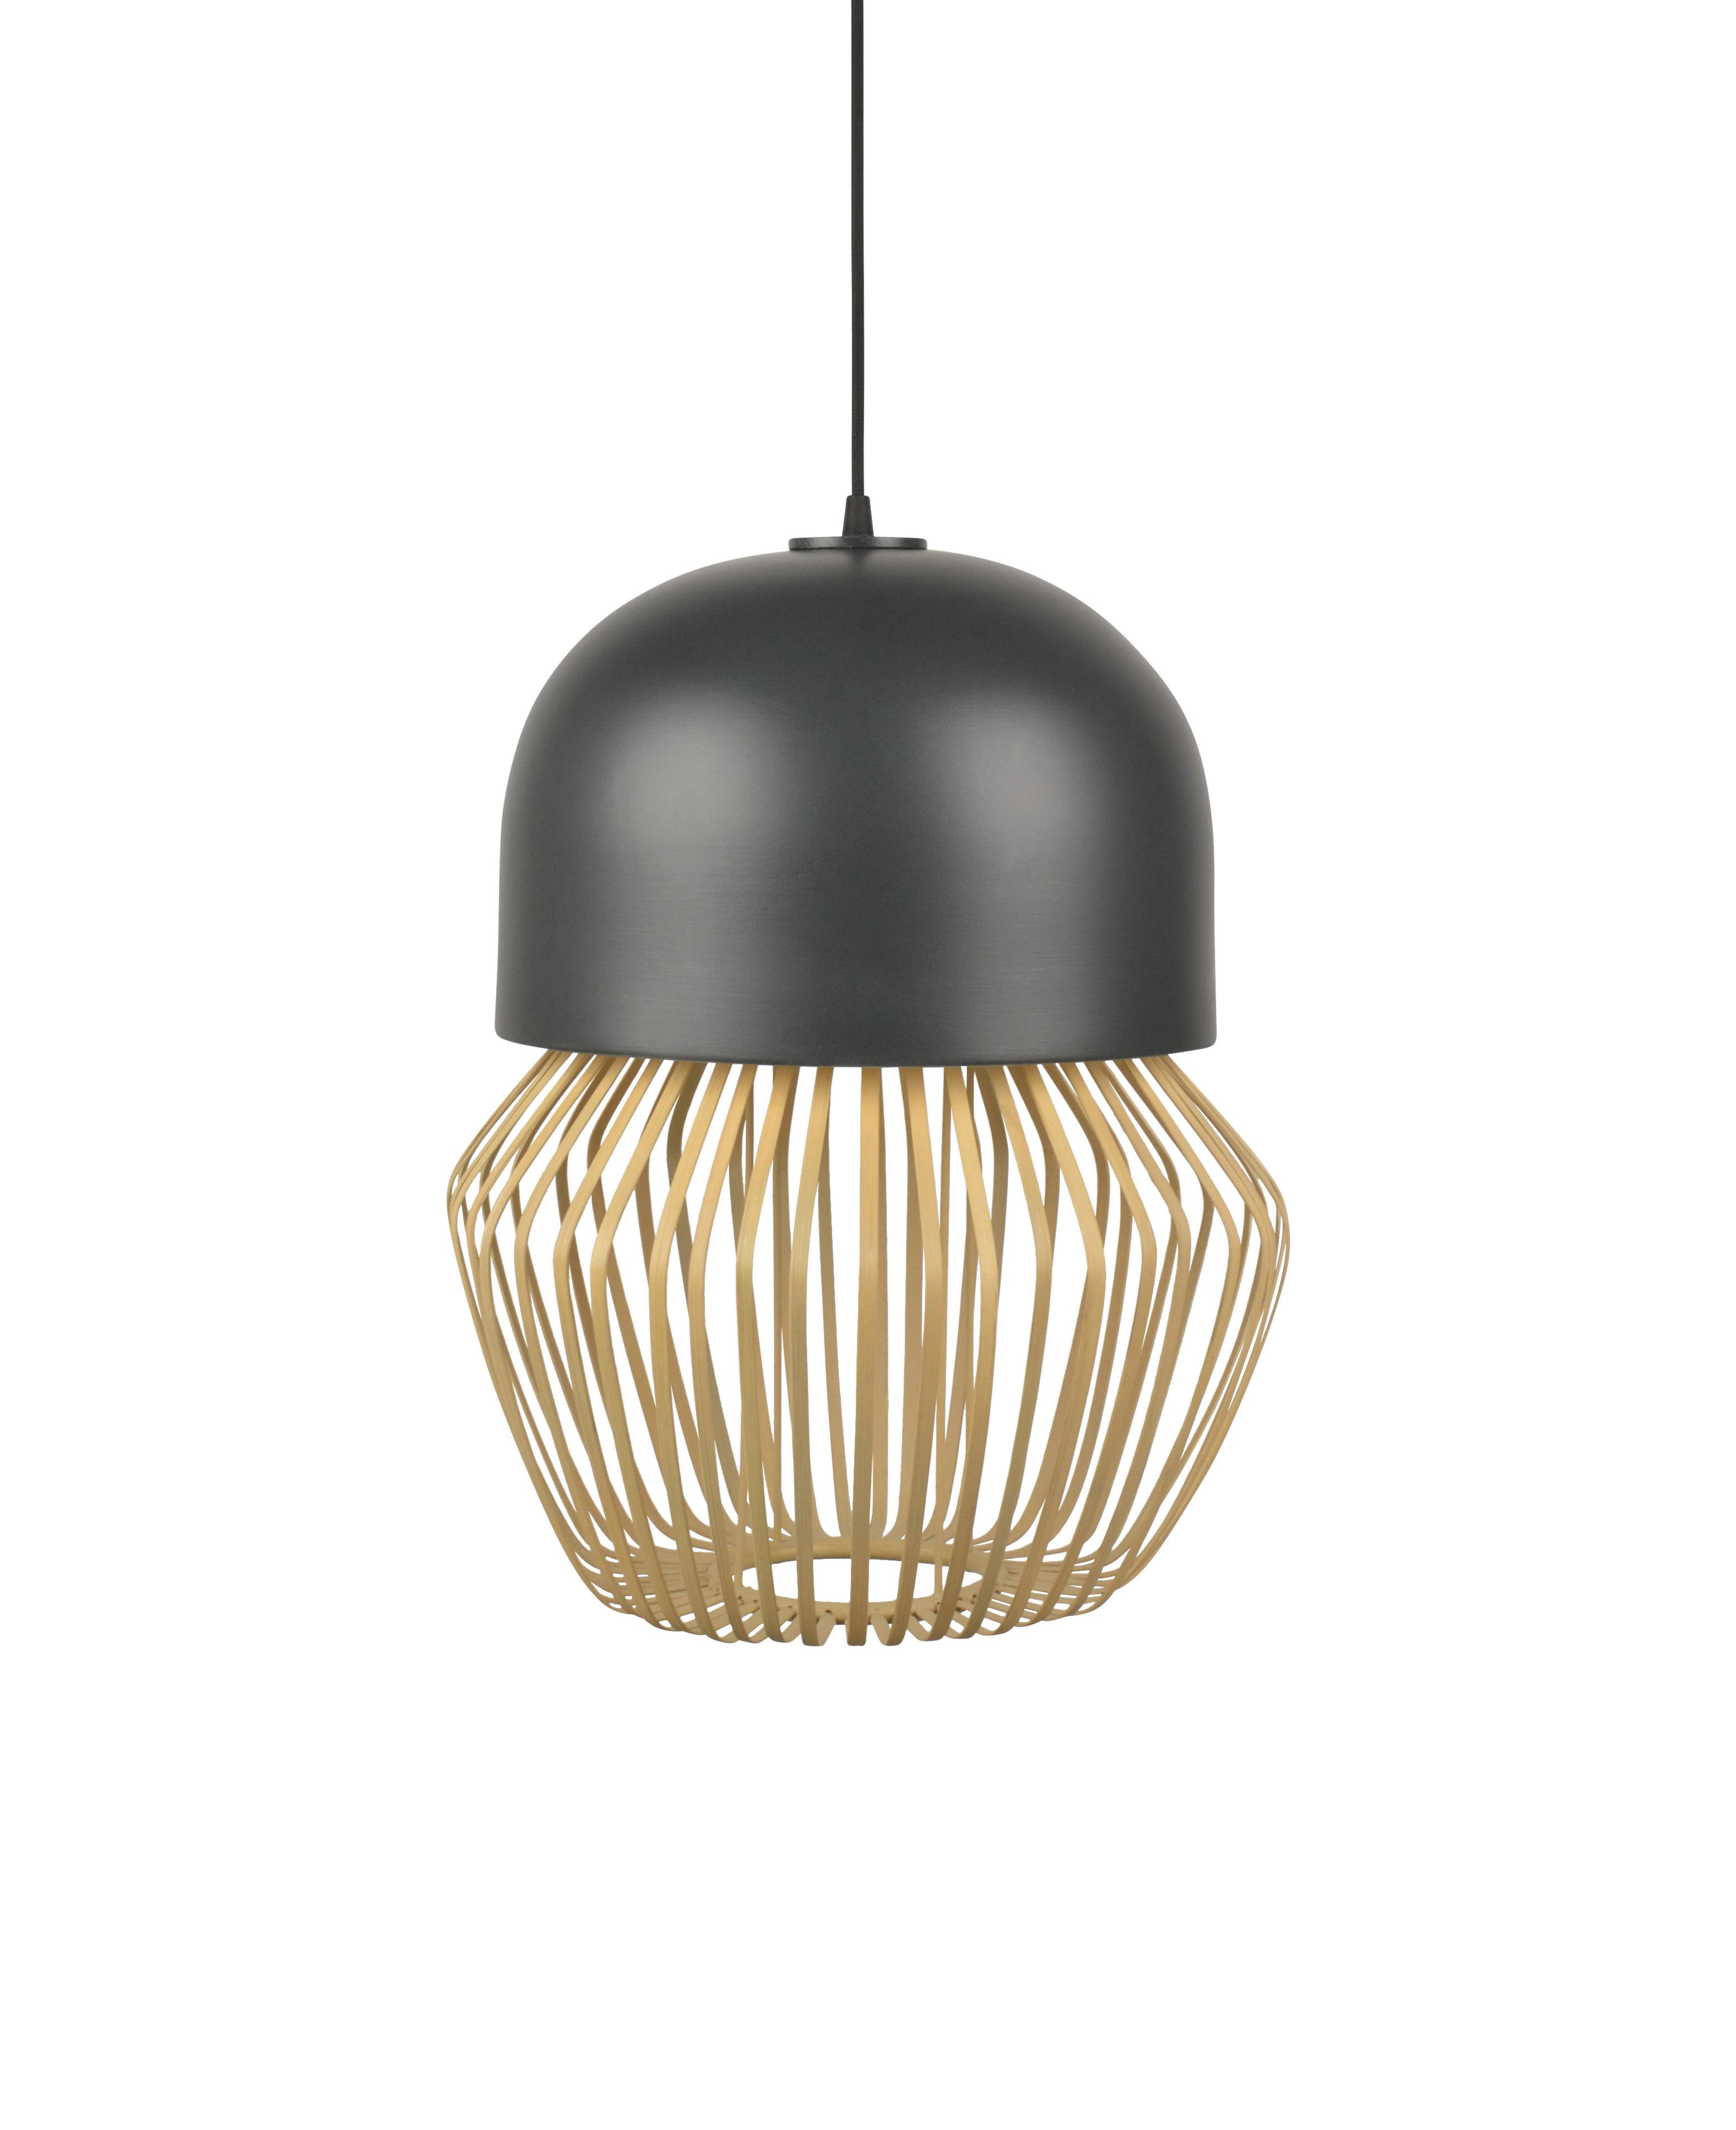 Illuminazione - Lampadari - Sospensione Anemos Small - / Ø 35 x H 45 cm - Bambù & ceramica di Forestier - Small / Antracite & naturale - Bambù, Ceramica smaltata